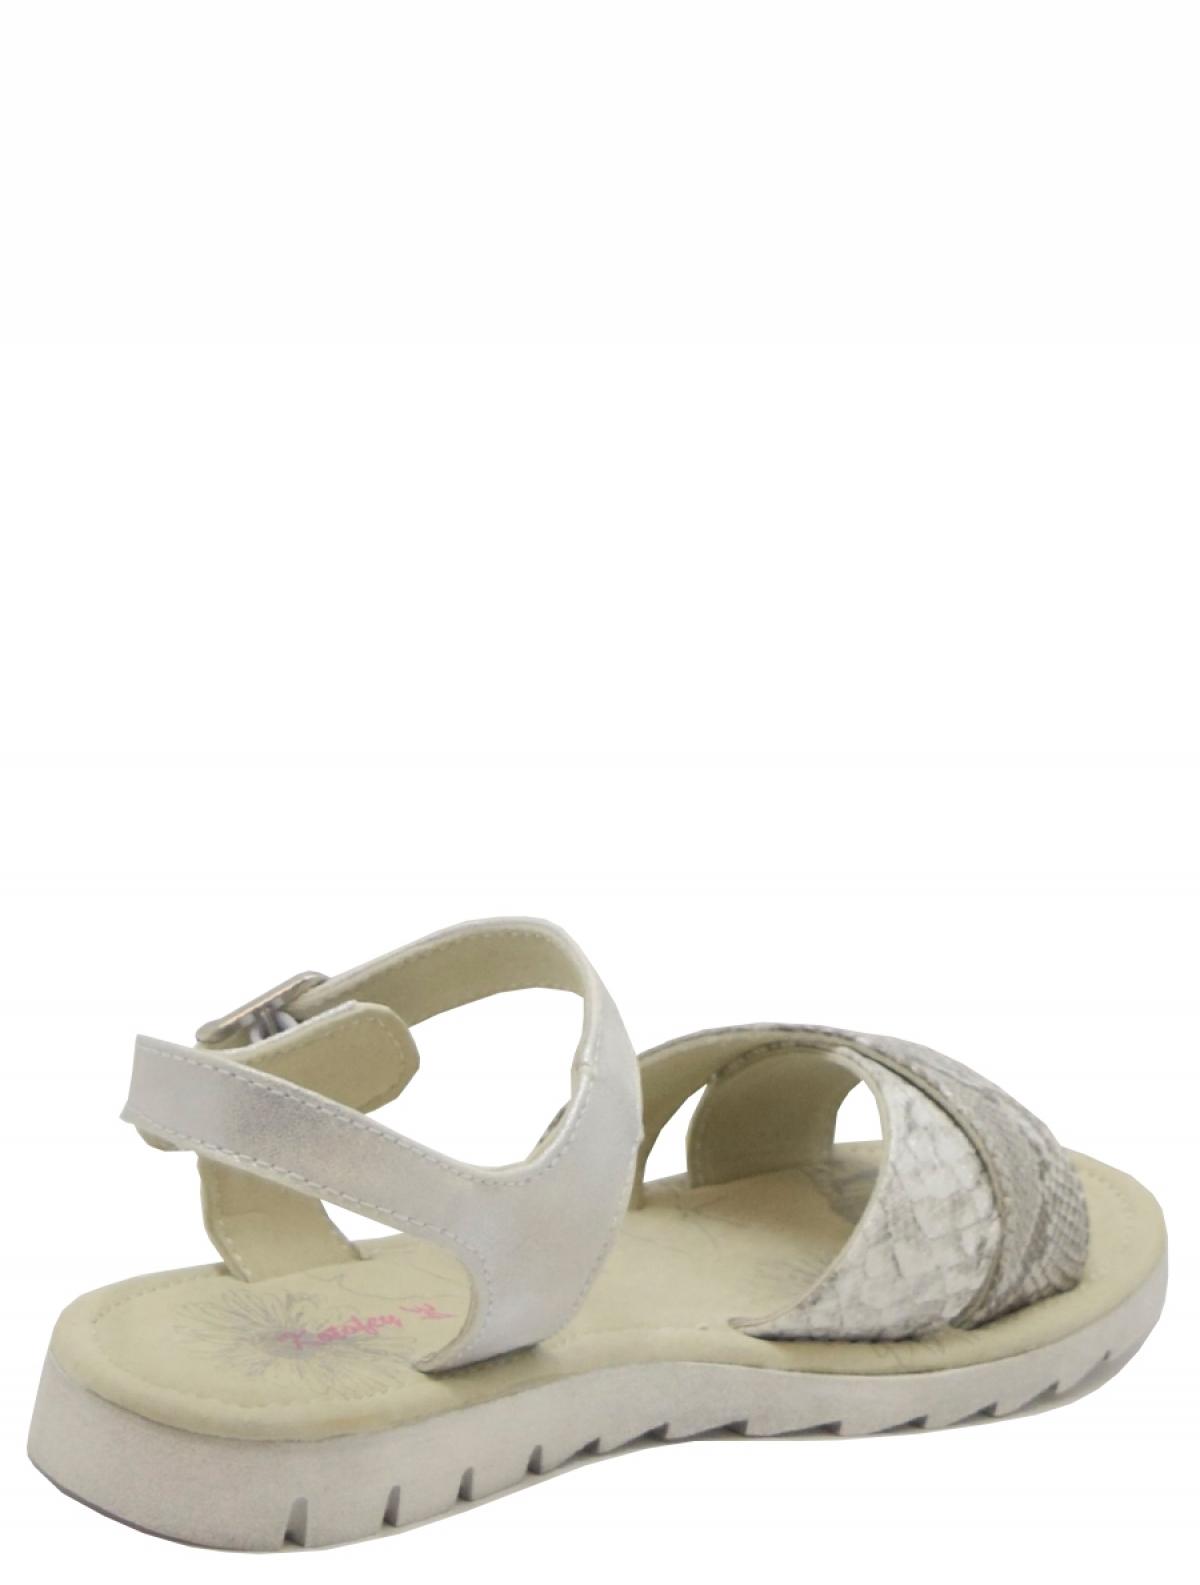 623012-22 сандали для девочки